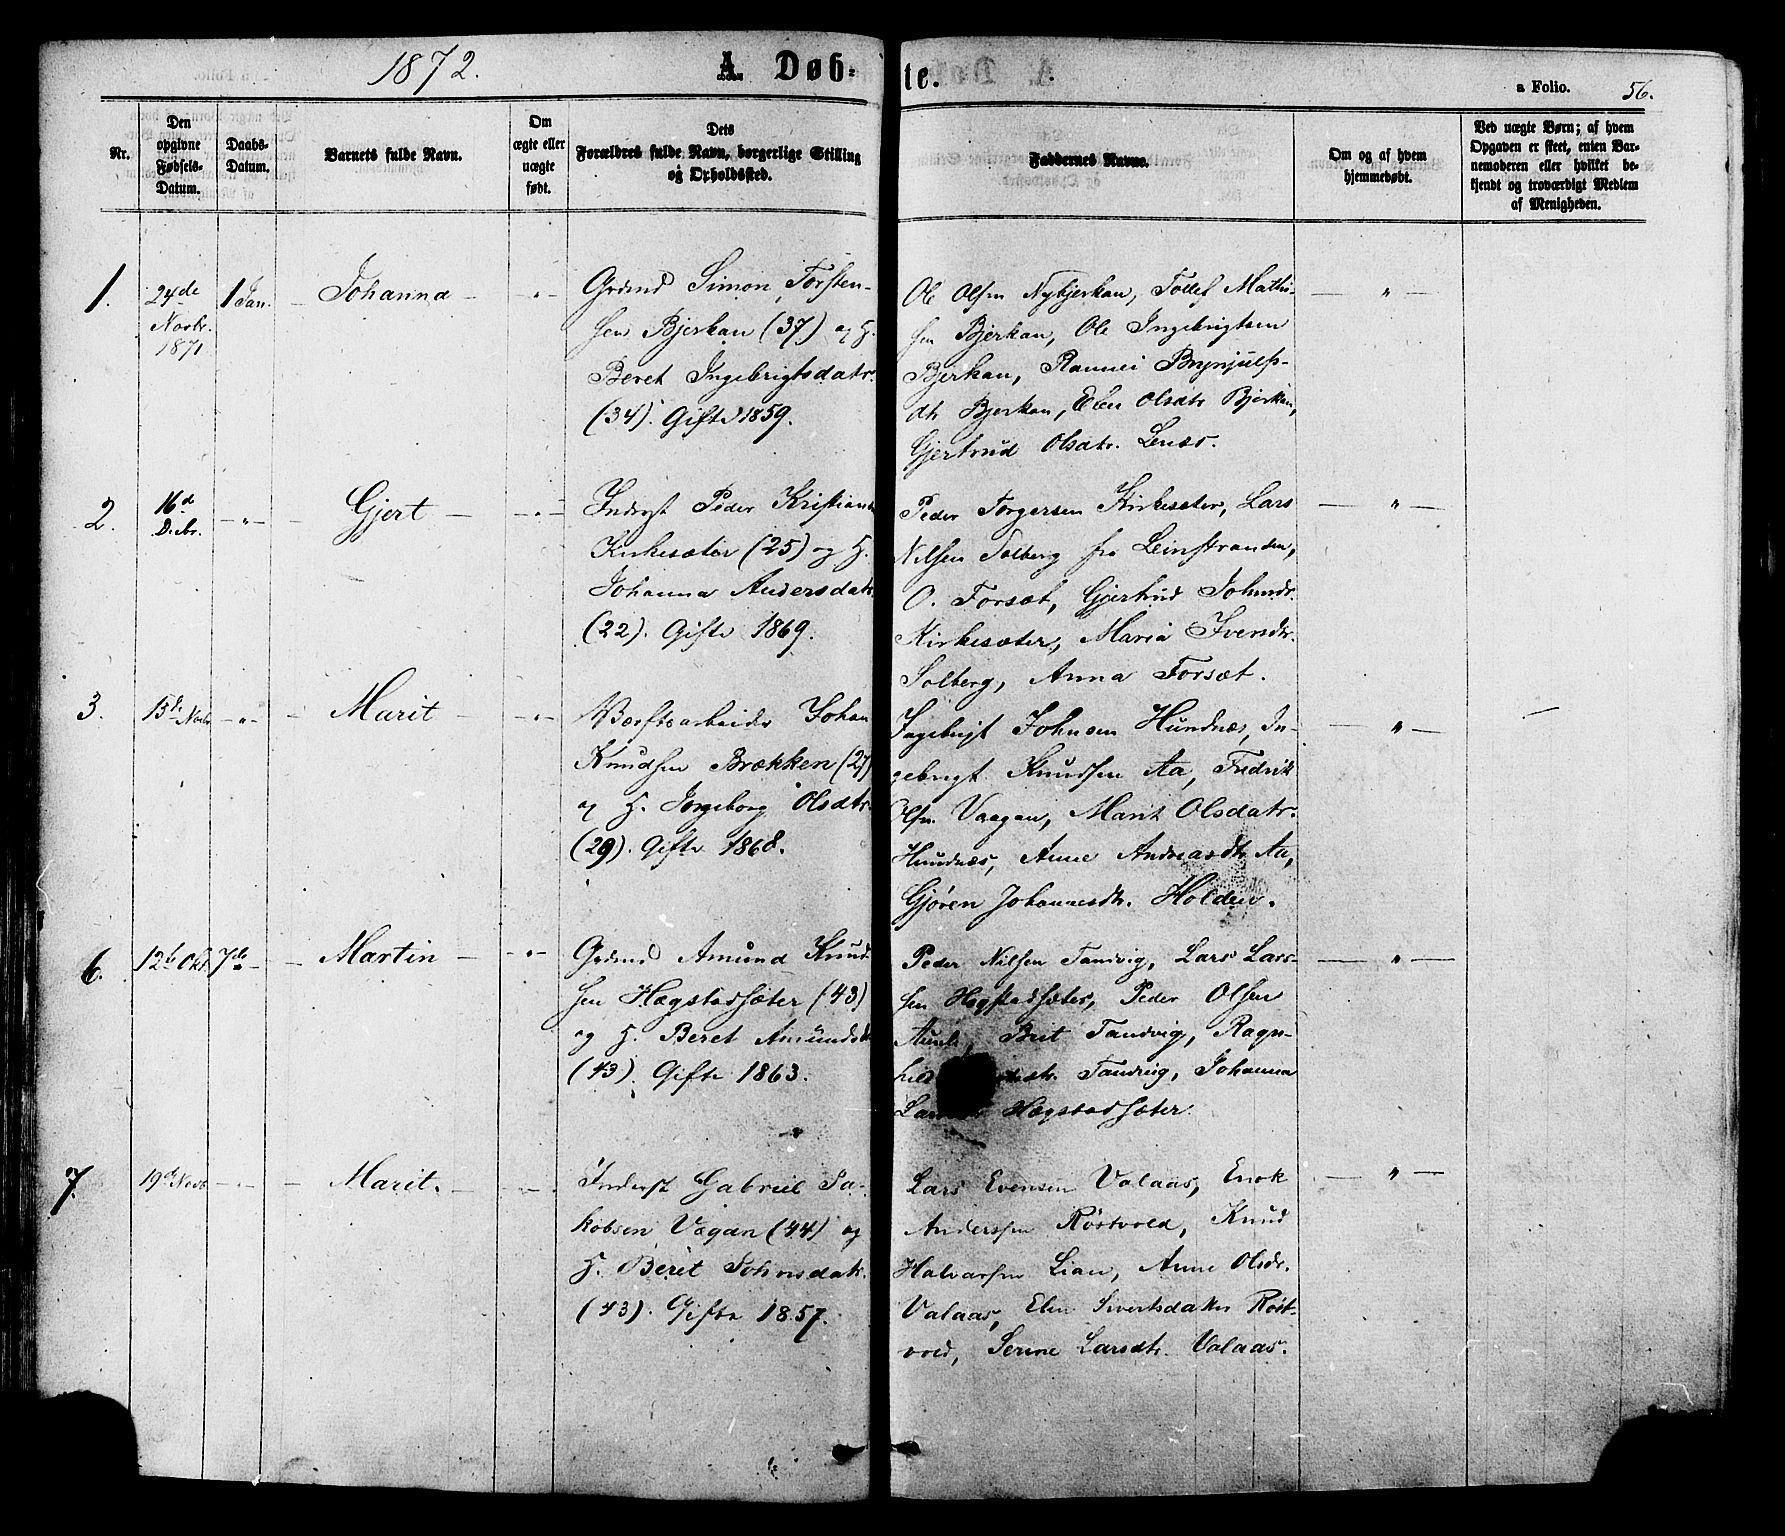 SAT, Ministerialprotokoller, klokkerbøker og fødselsregistre - Sør-Trøndelag, 630/L0495: Ministerialbok nr. 630A08, 1868-1878, s. 56